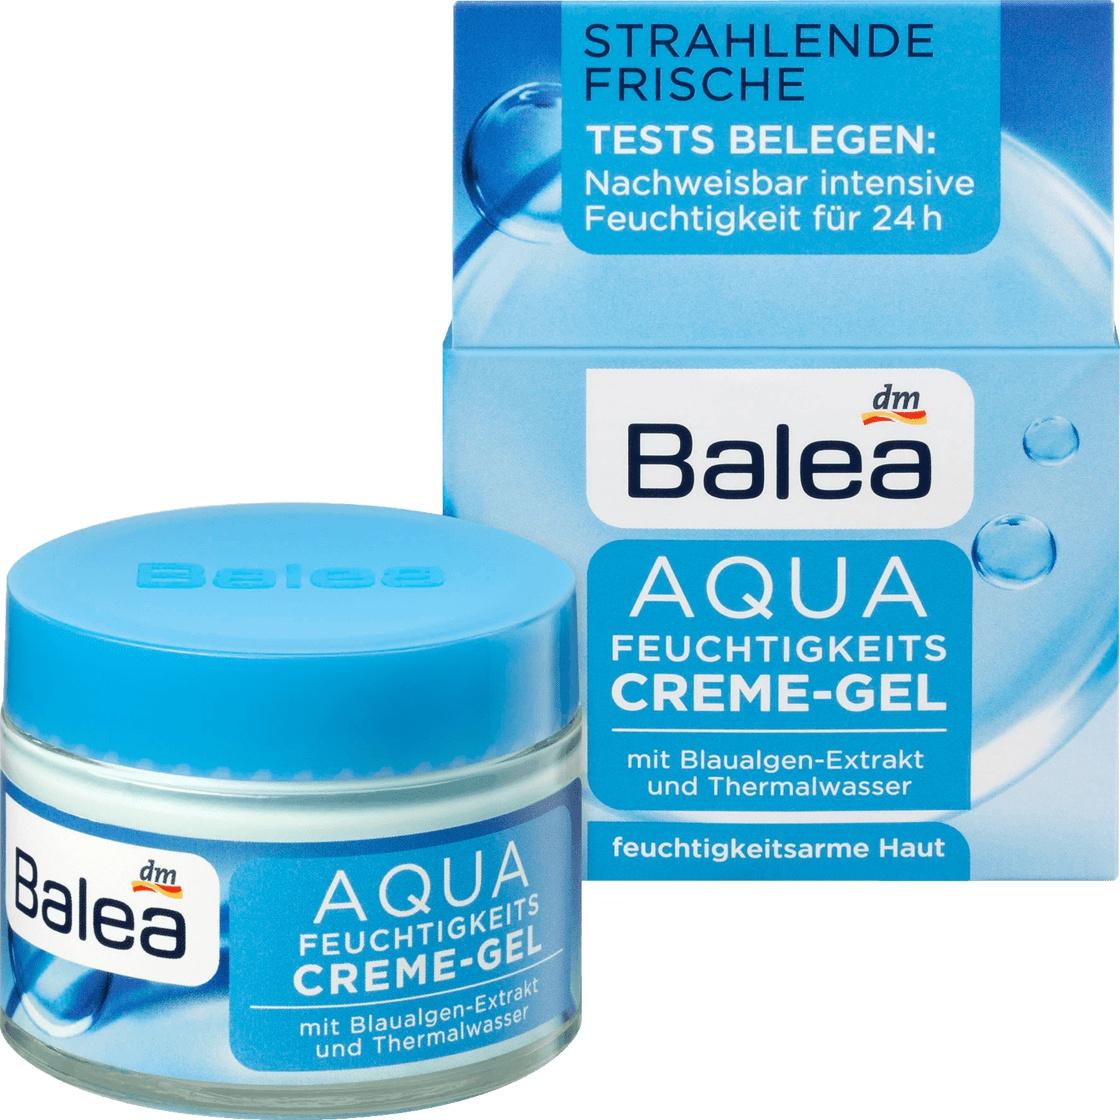 Balea Aqua Feuchtigkeits Creme-Gel